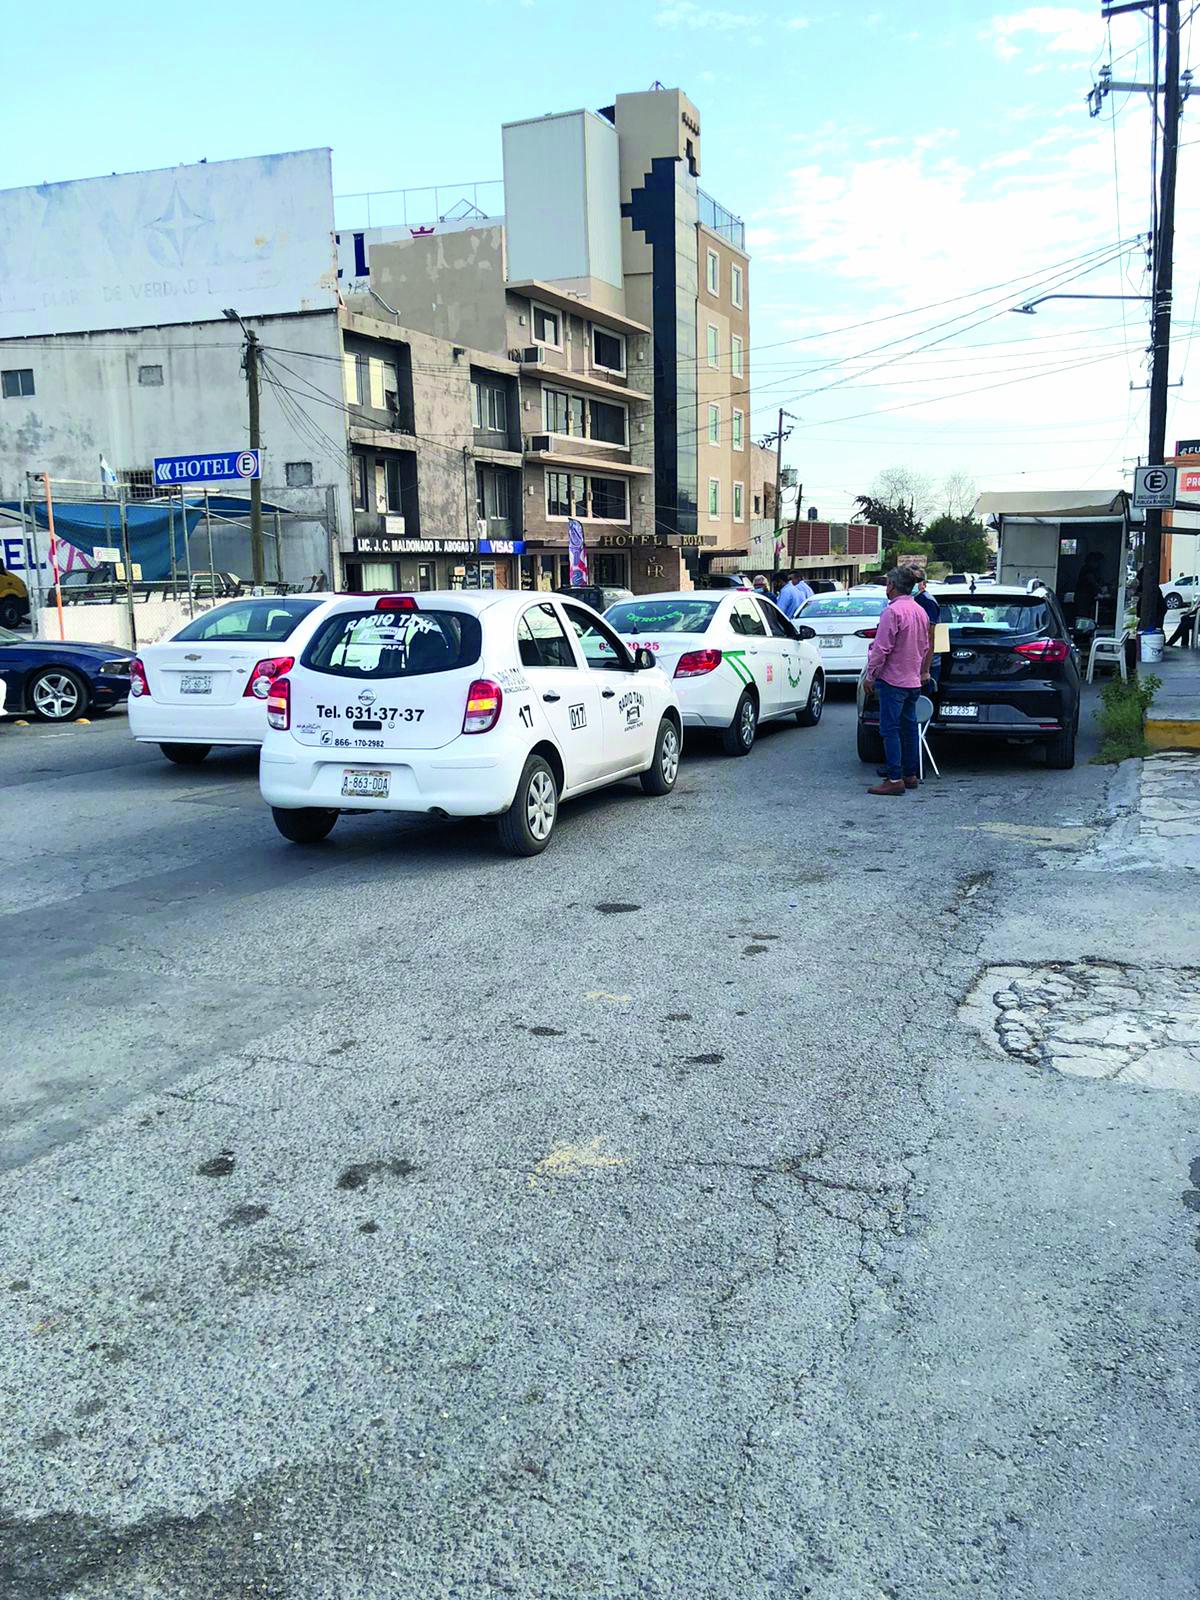 Taxis son revisados para que no suban pasajeros extras en Monclova